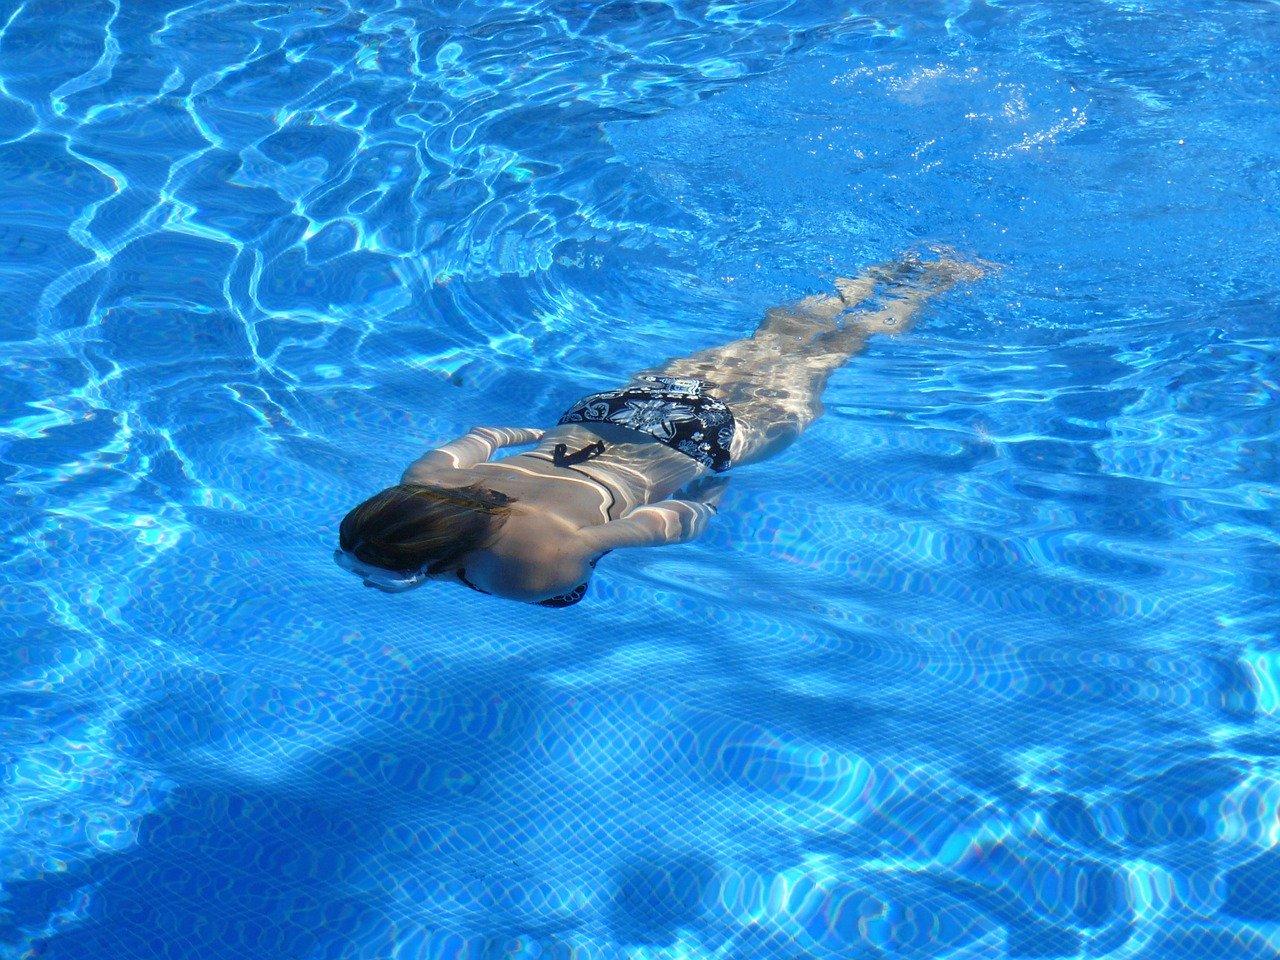 La nage, un bonne activité sportive.